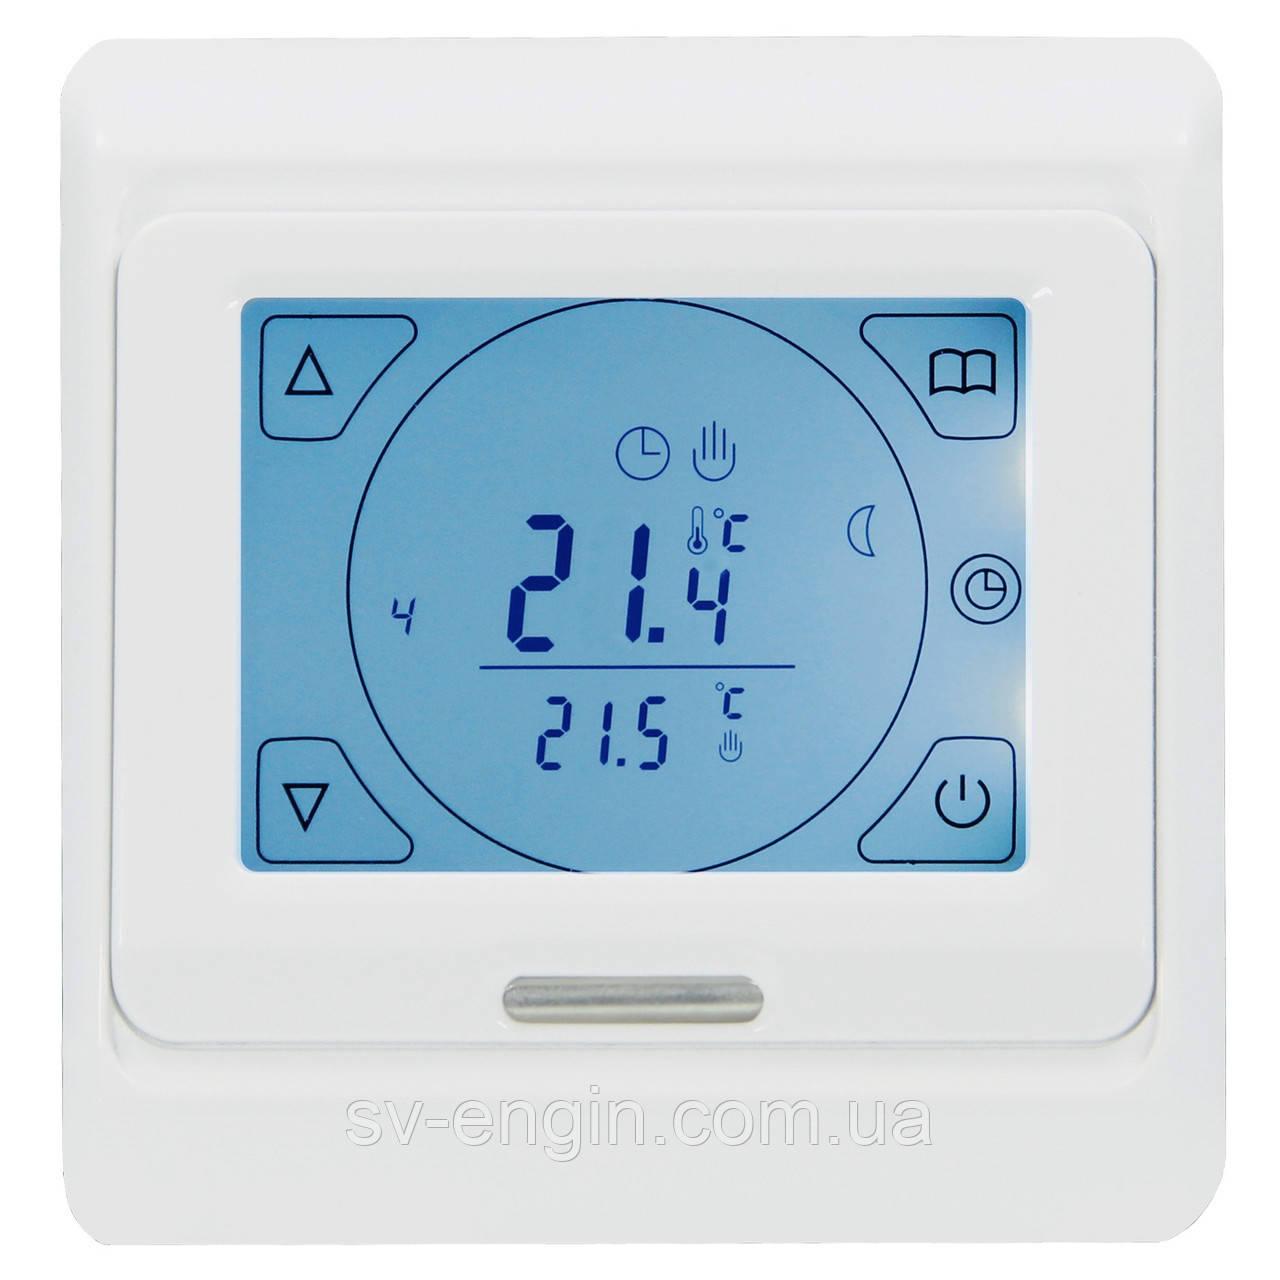 B32A, SEN, K2, A (DS ELECTRONICS, Украина) - терморегуляторы для теплого пола